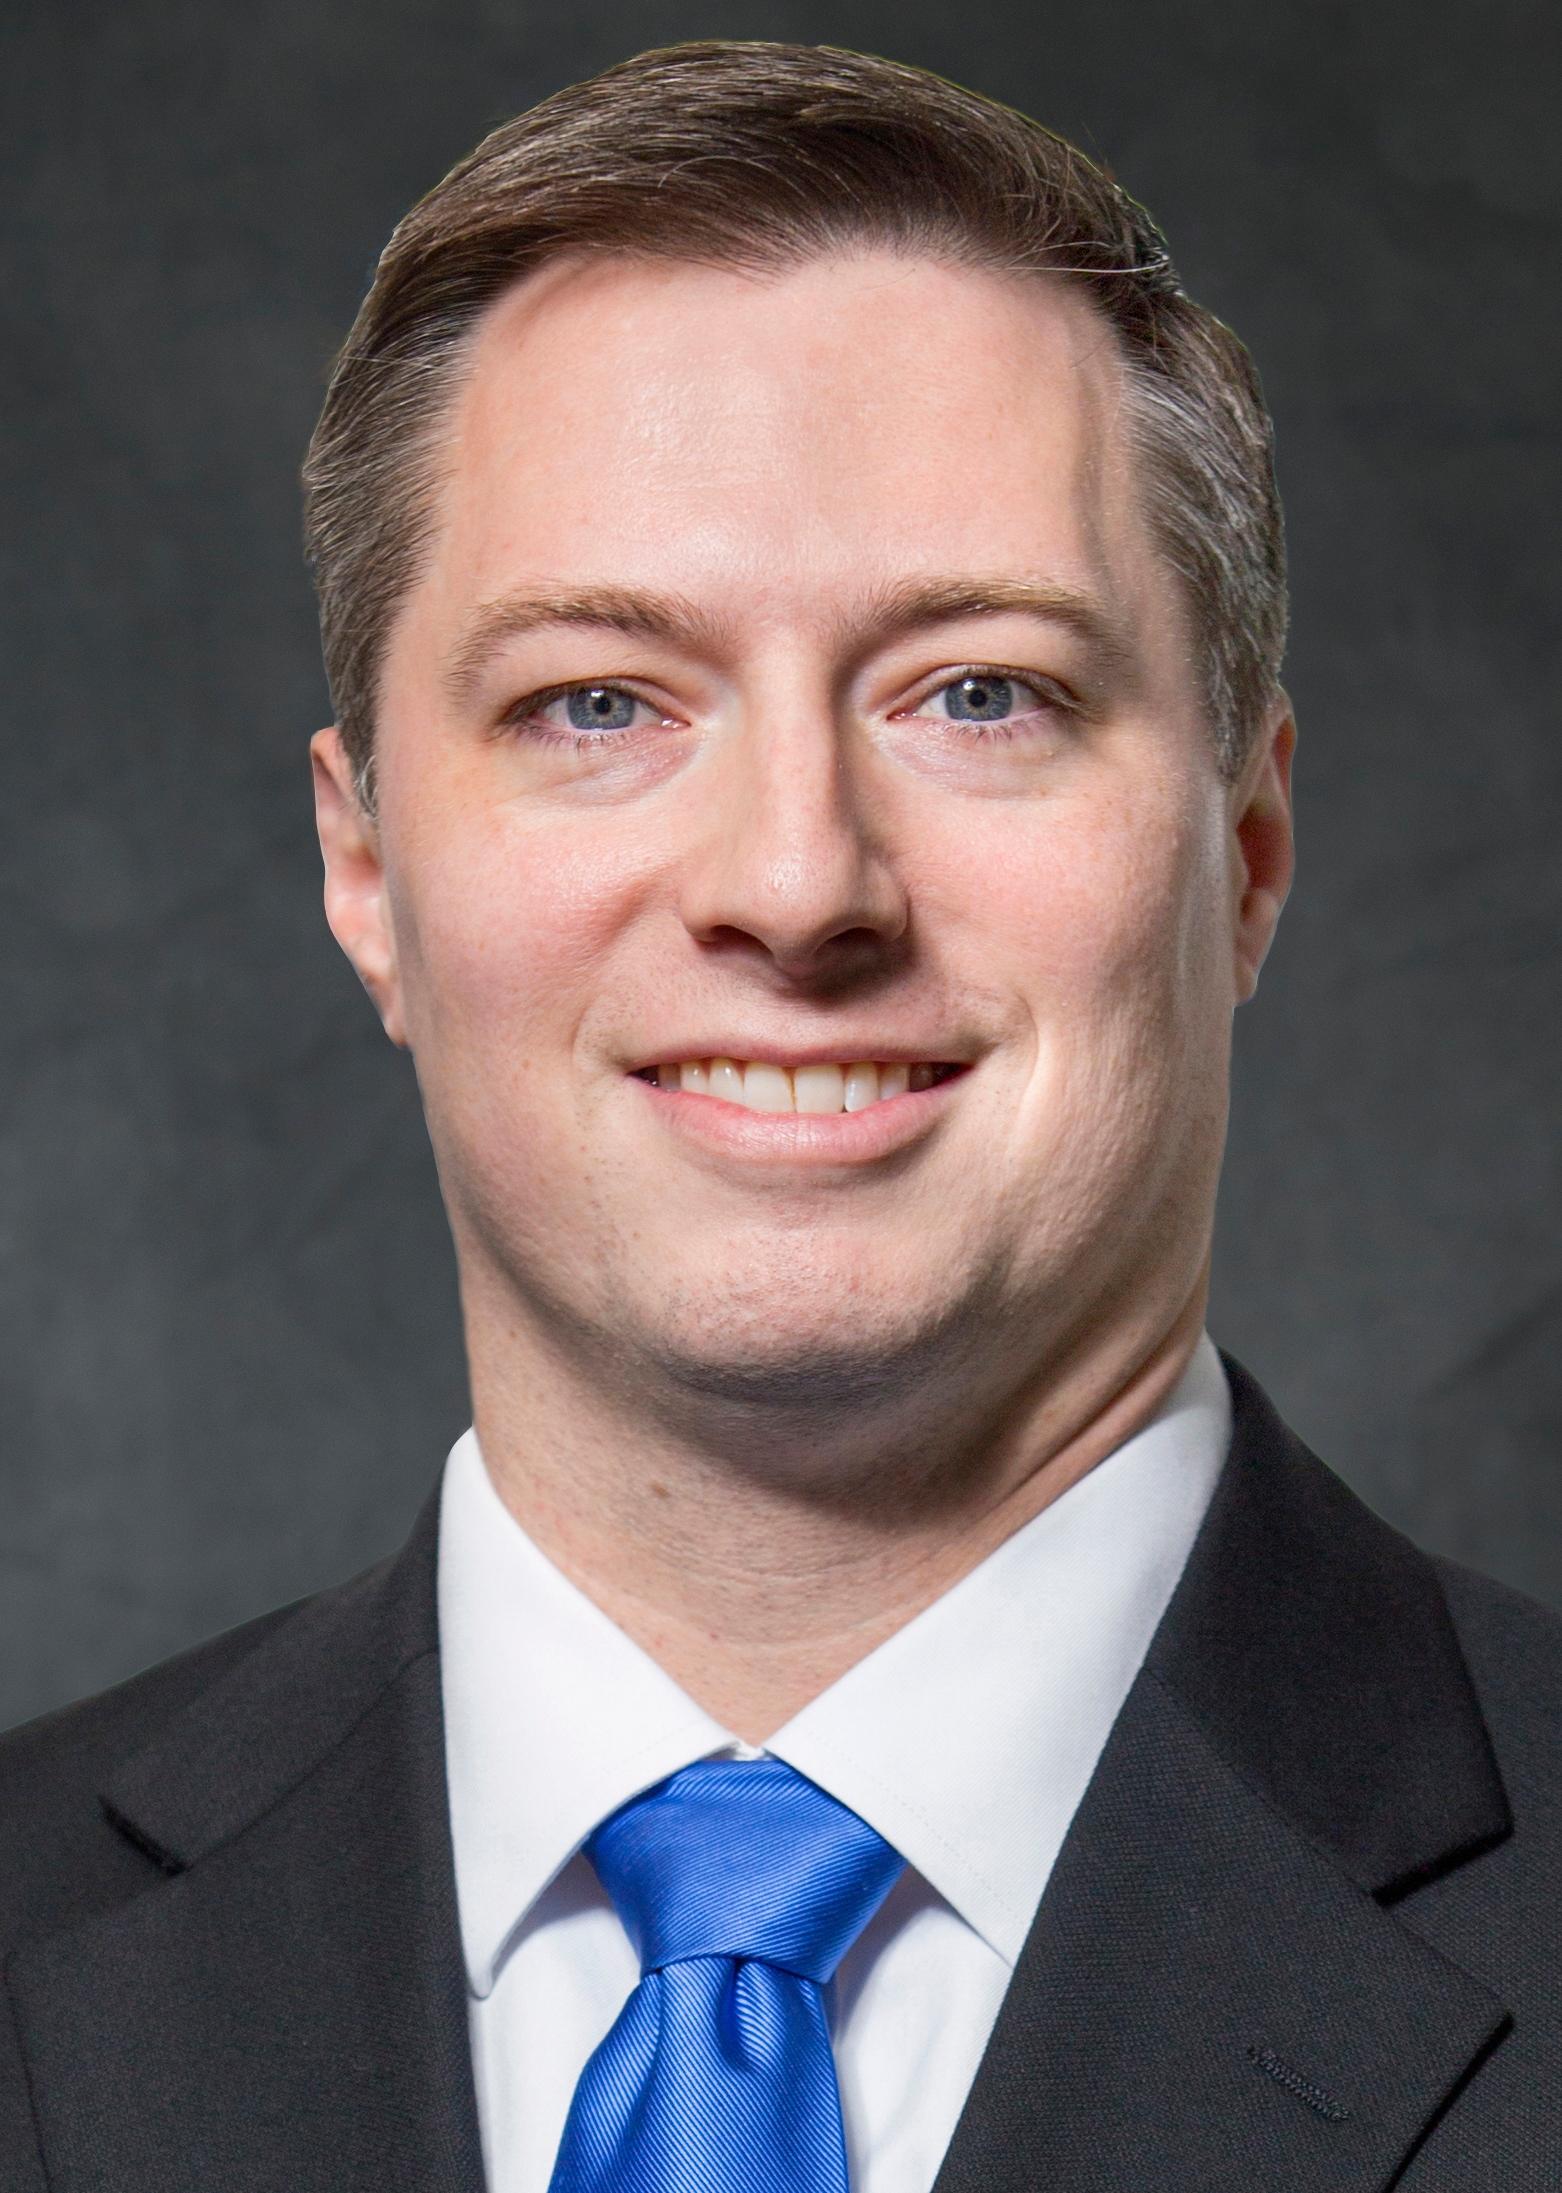 Andrew Vanderhorst, CFA, CFP®, CLU®